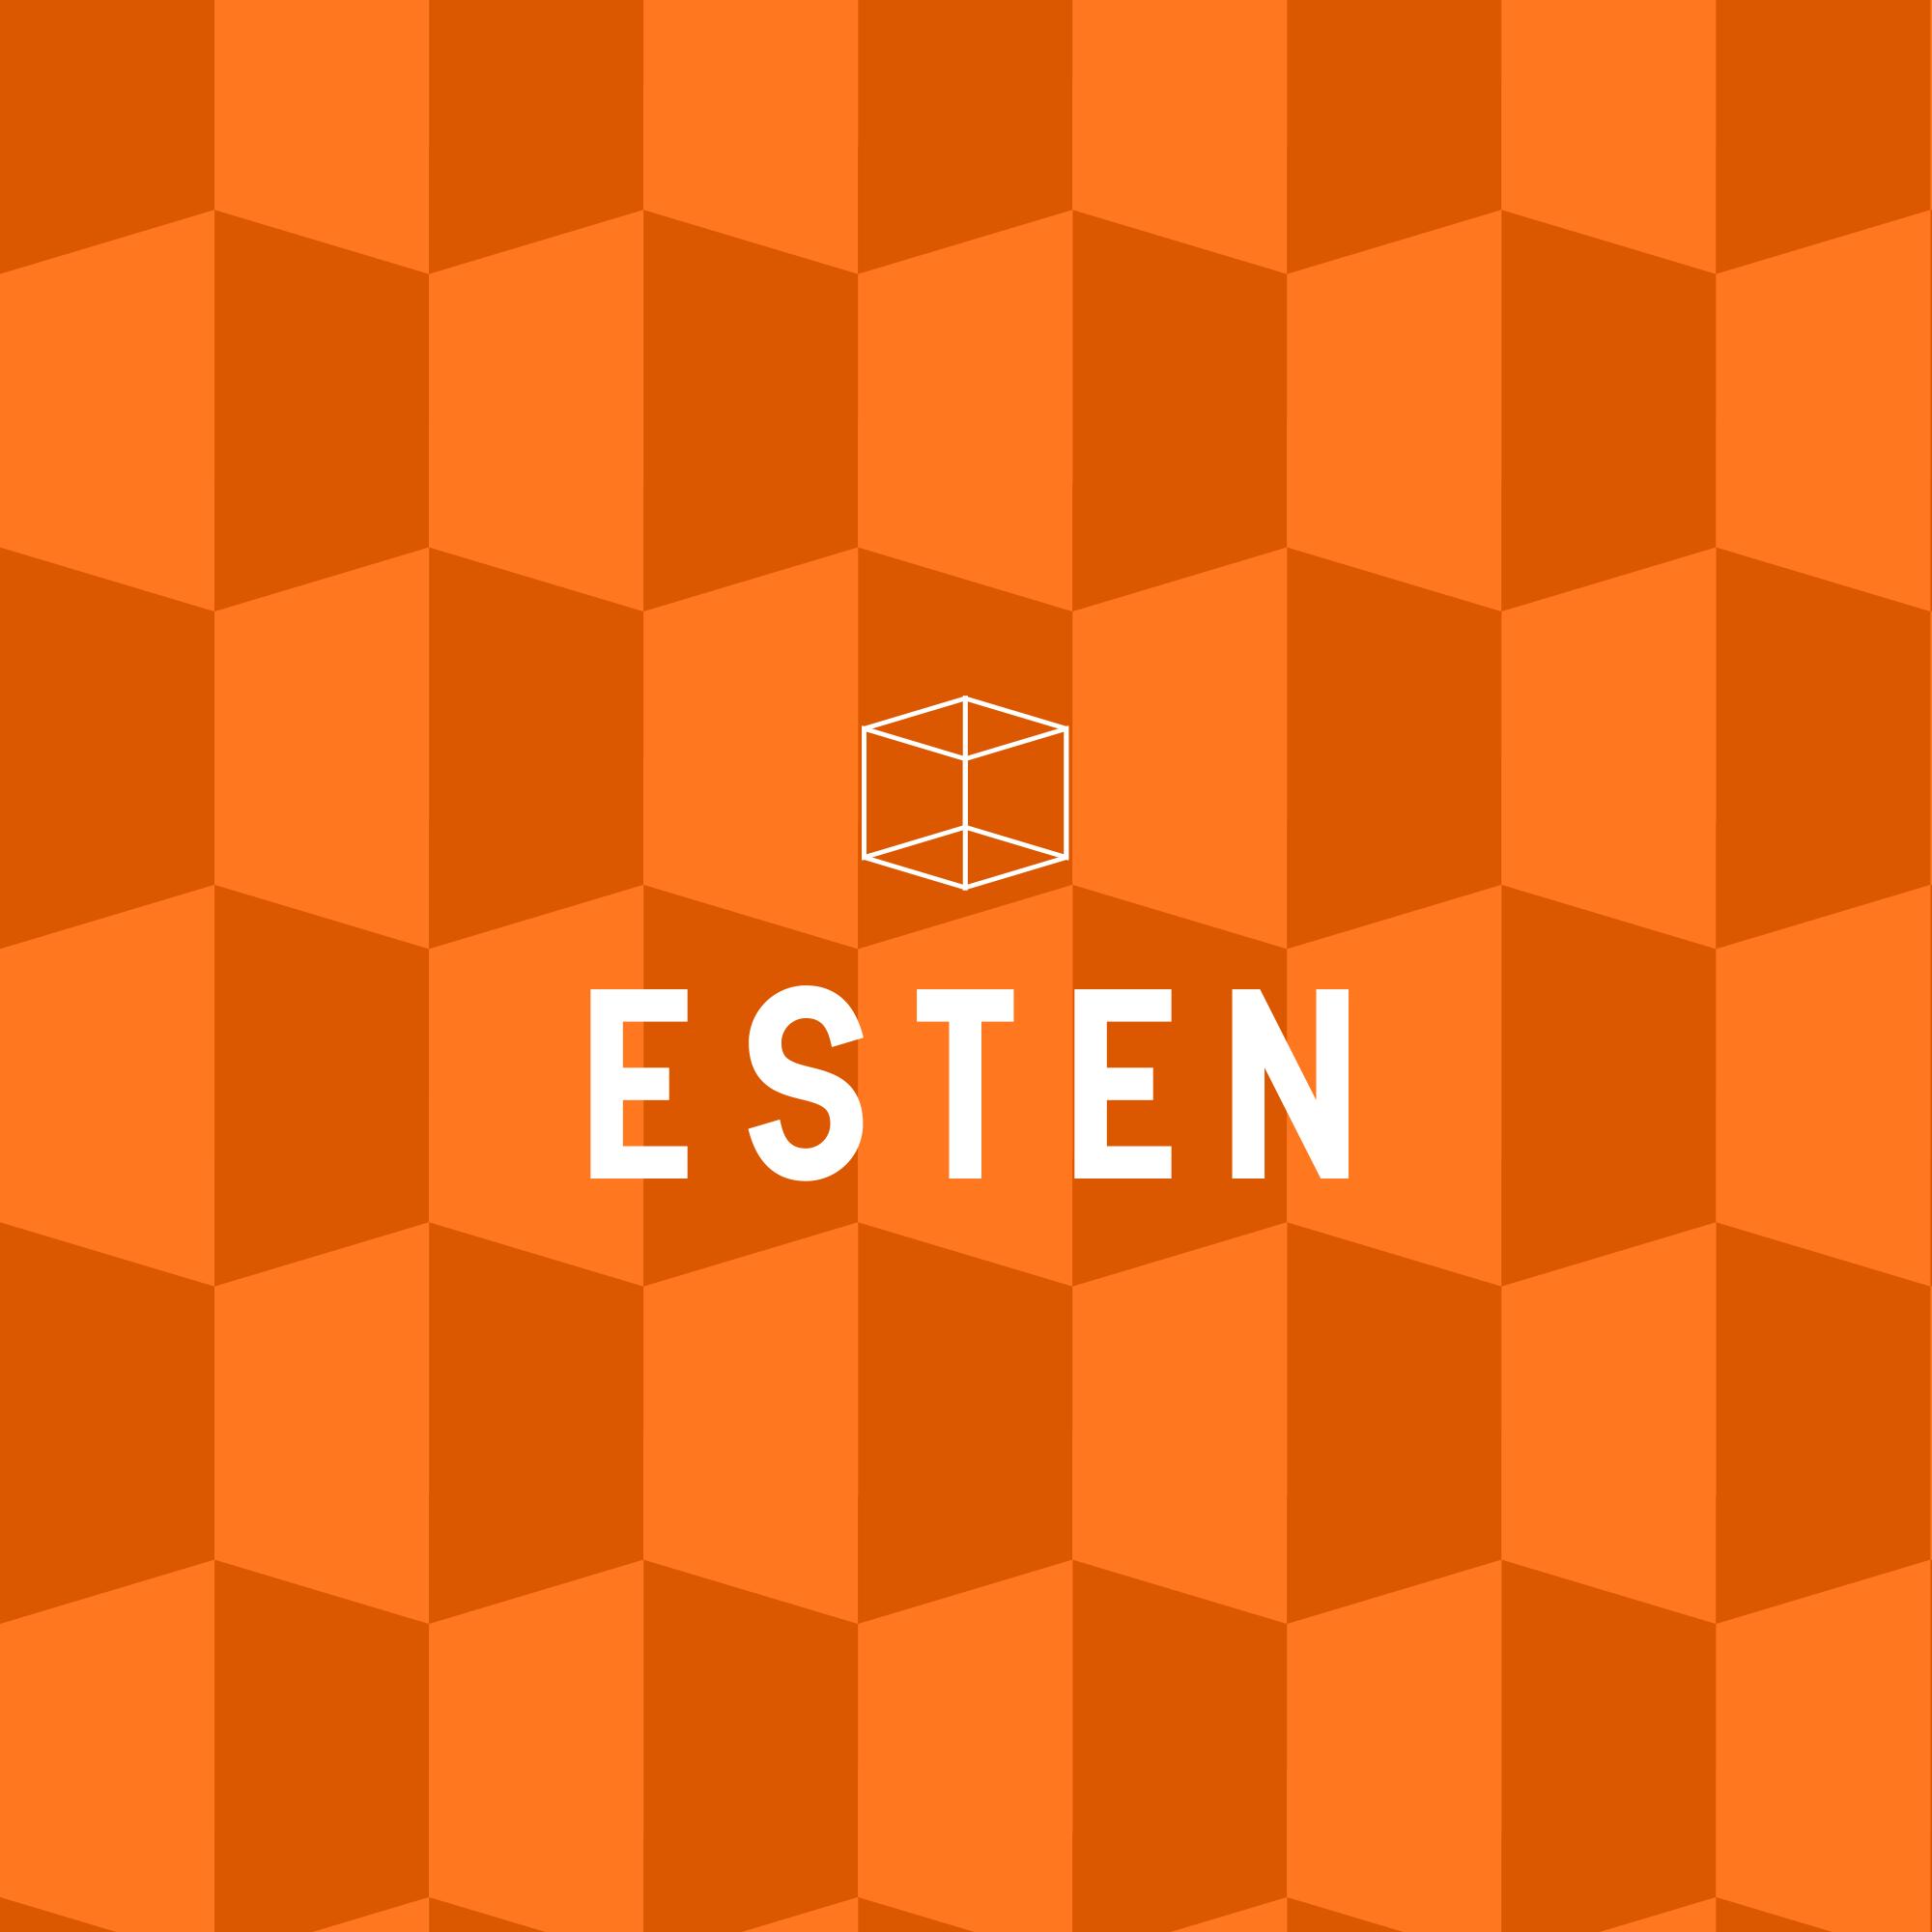 Концепция логотипа ESTEN